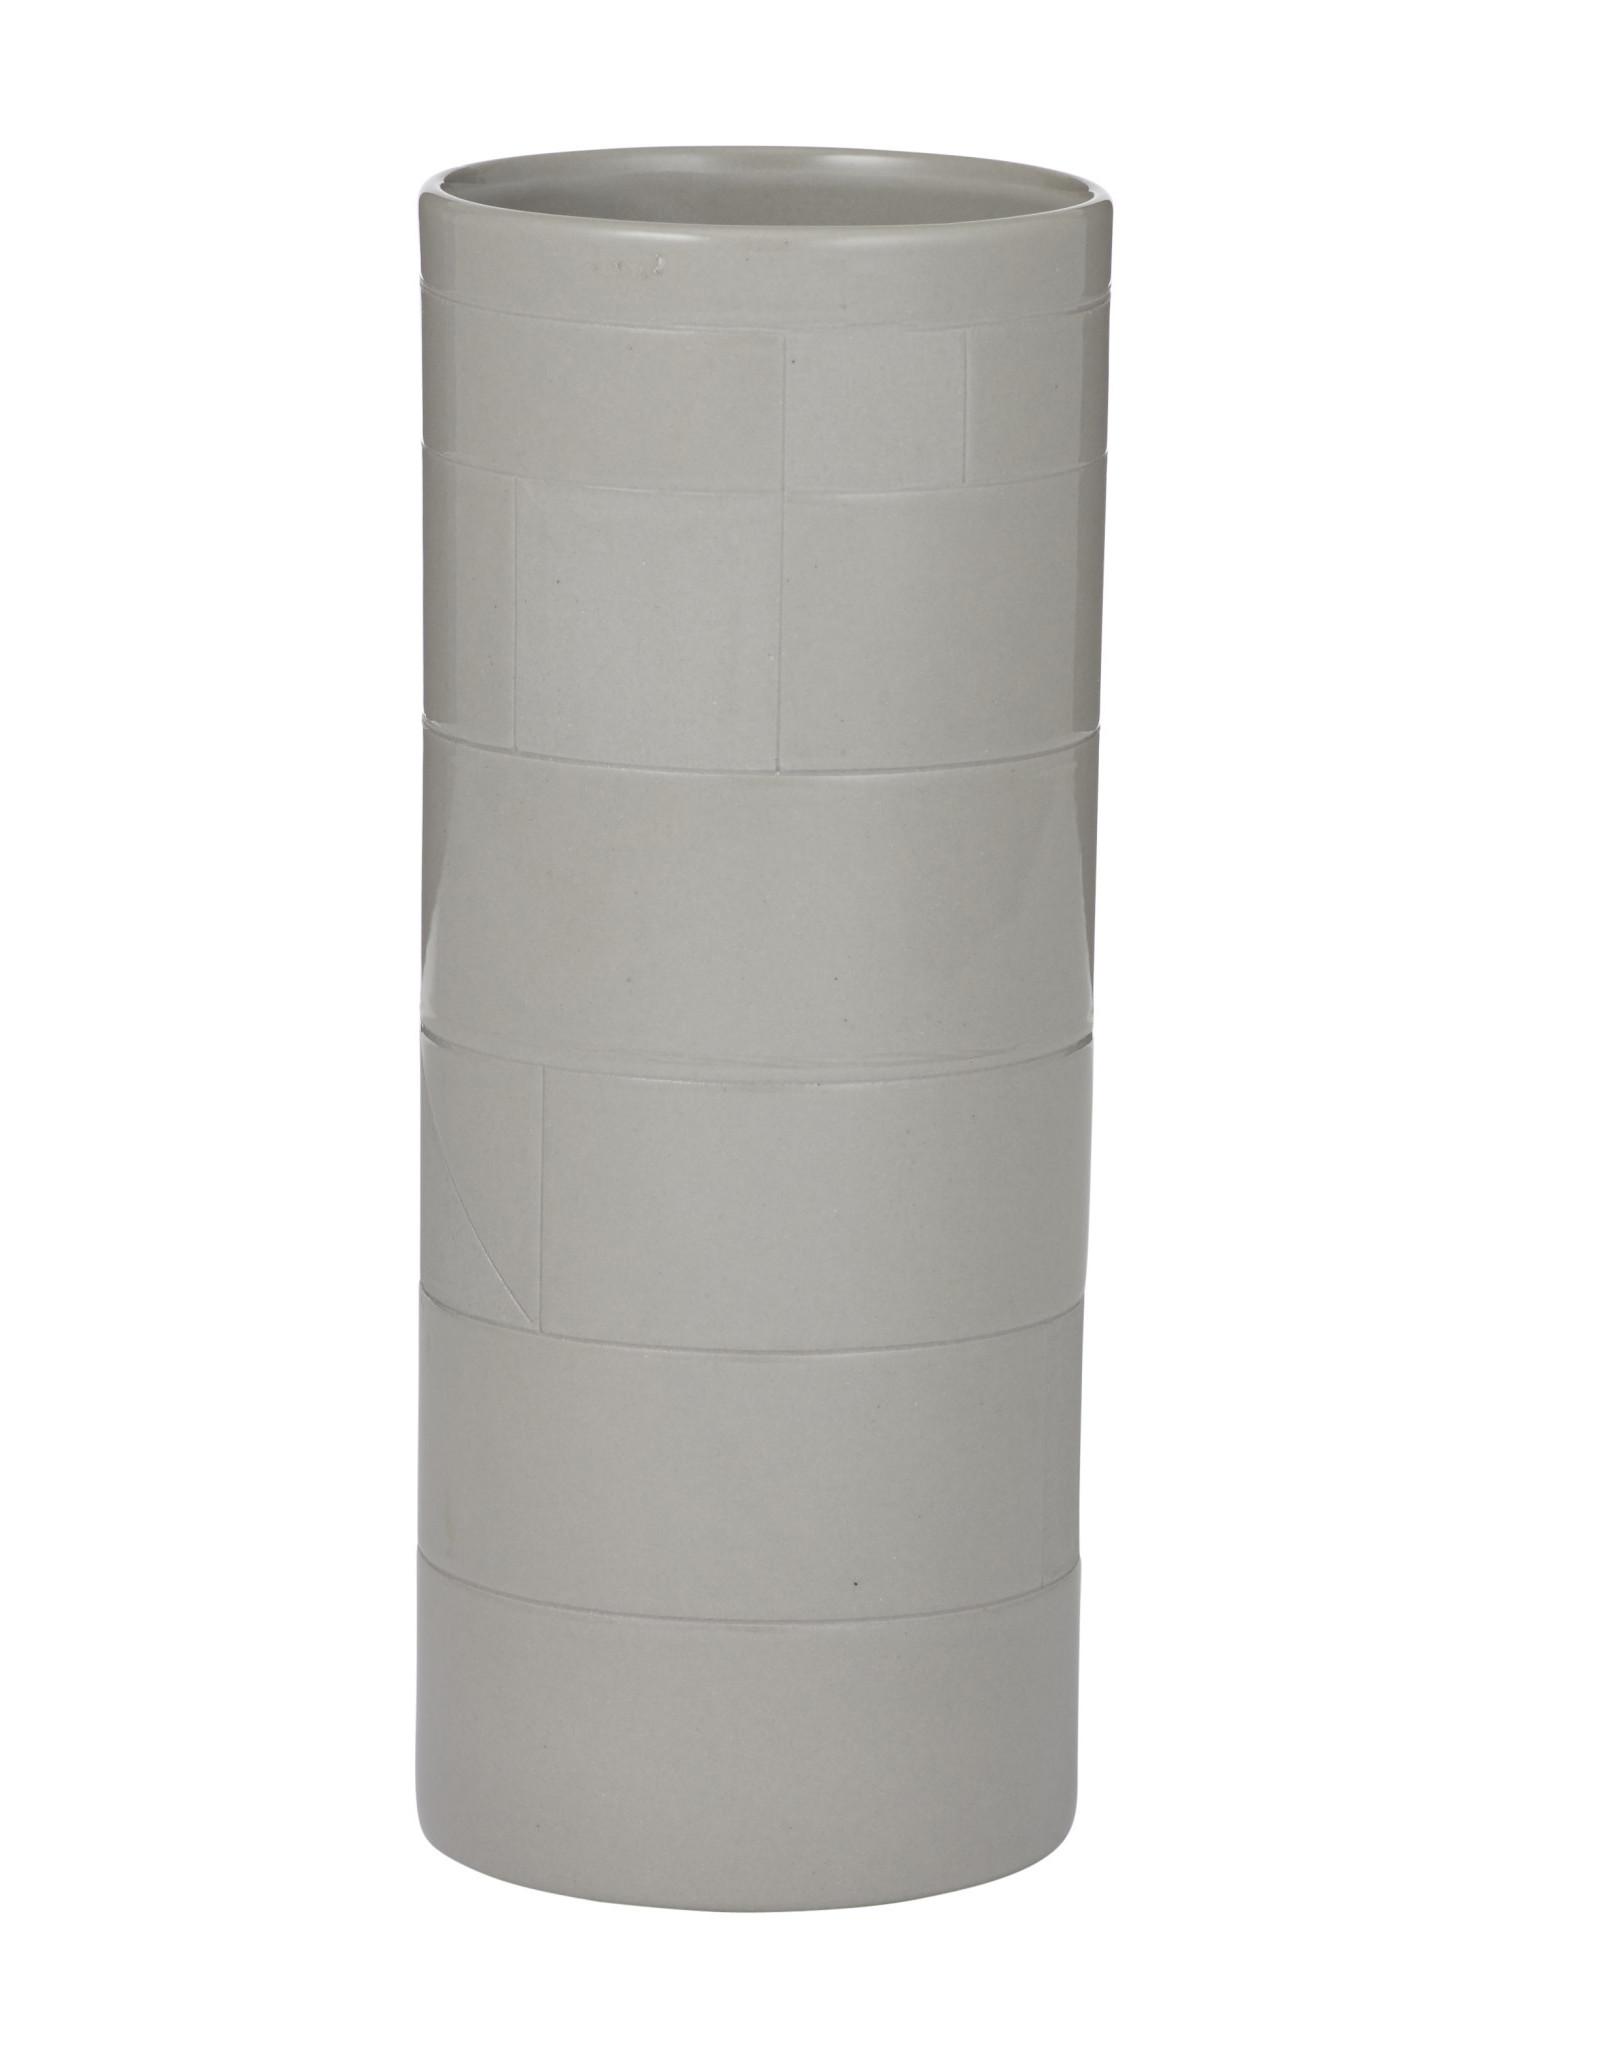 Issi Vase 6.5x16.5cm Lig